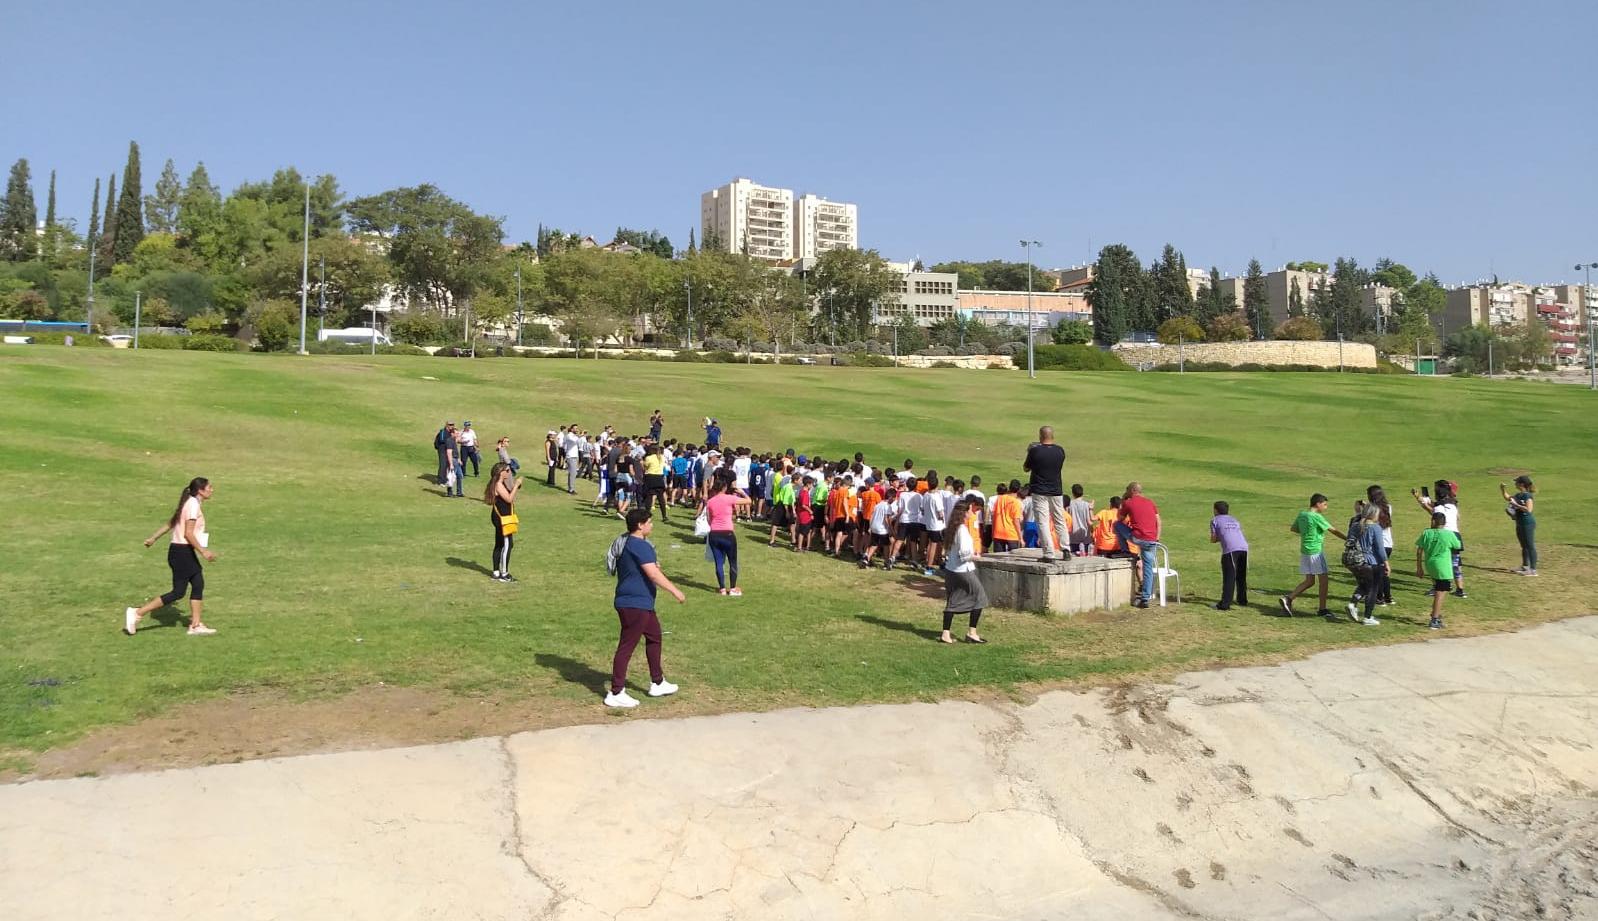 תמונה מתוך מרוץ שדה (שילה רוזנפלד, דובר מחלקת התרבות והספורט של העירייה)